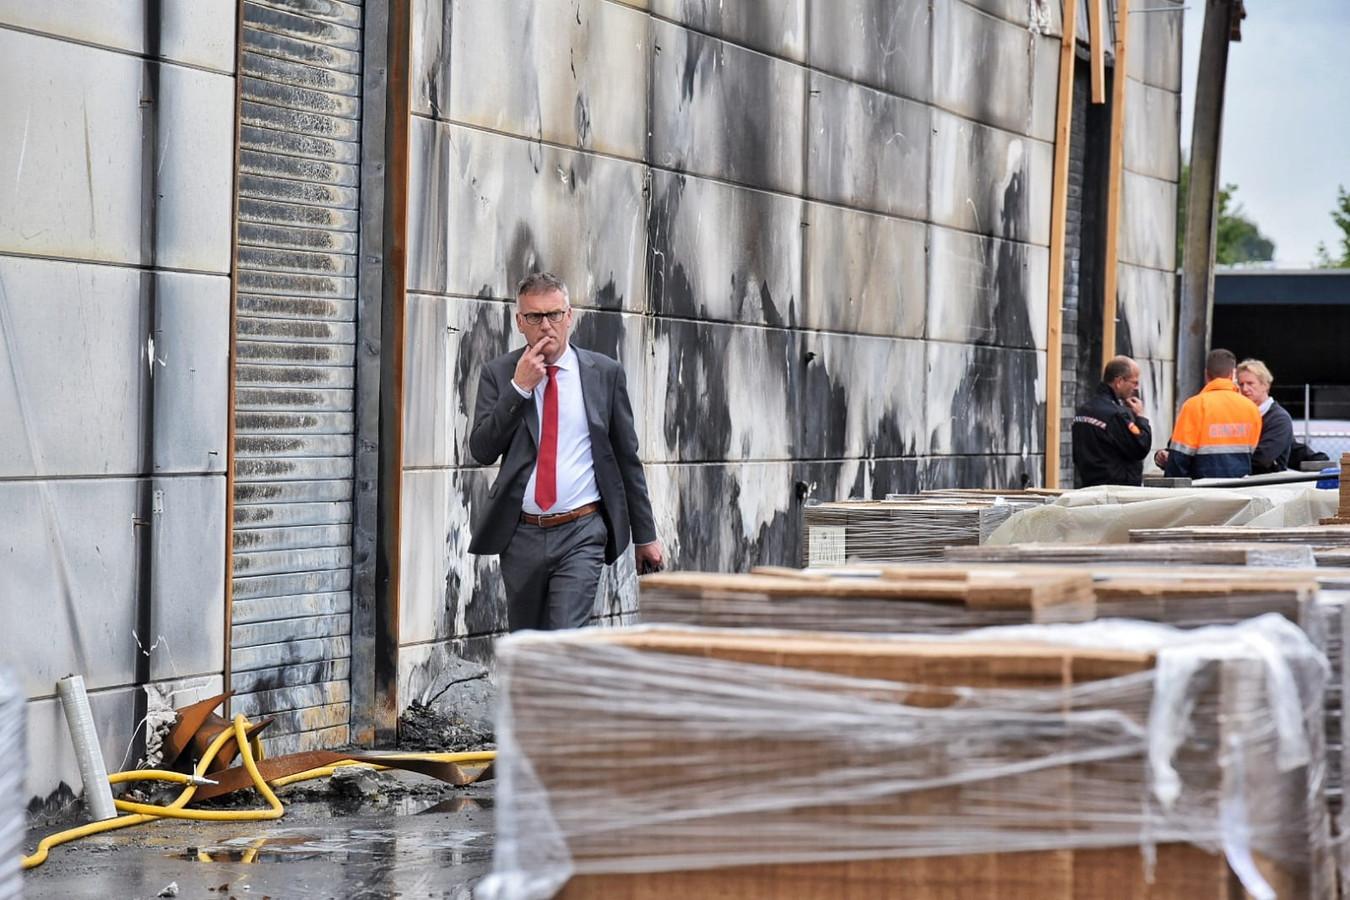 Burgemeester Hans Janssen van Oisterwijk bij aanmaakblokjesfabriek Fire-Up